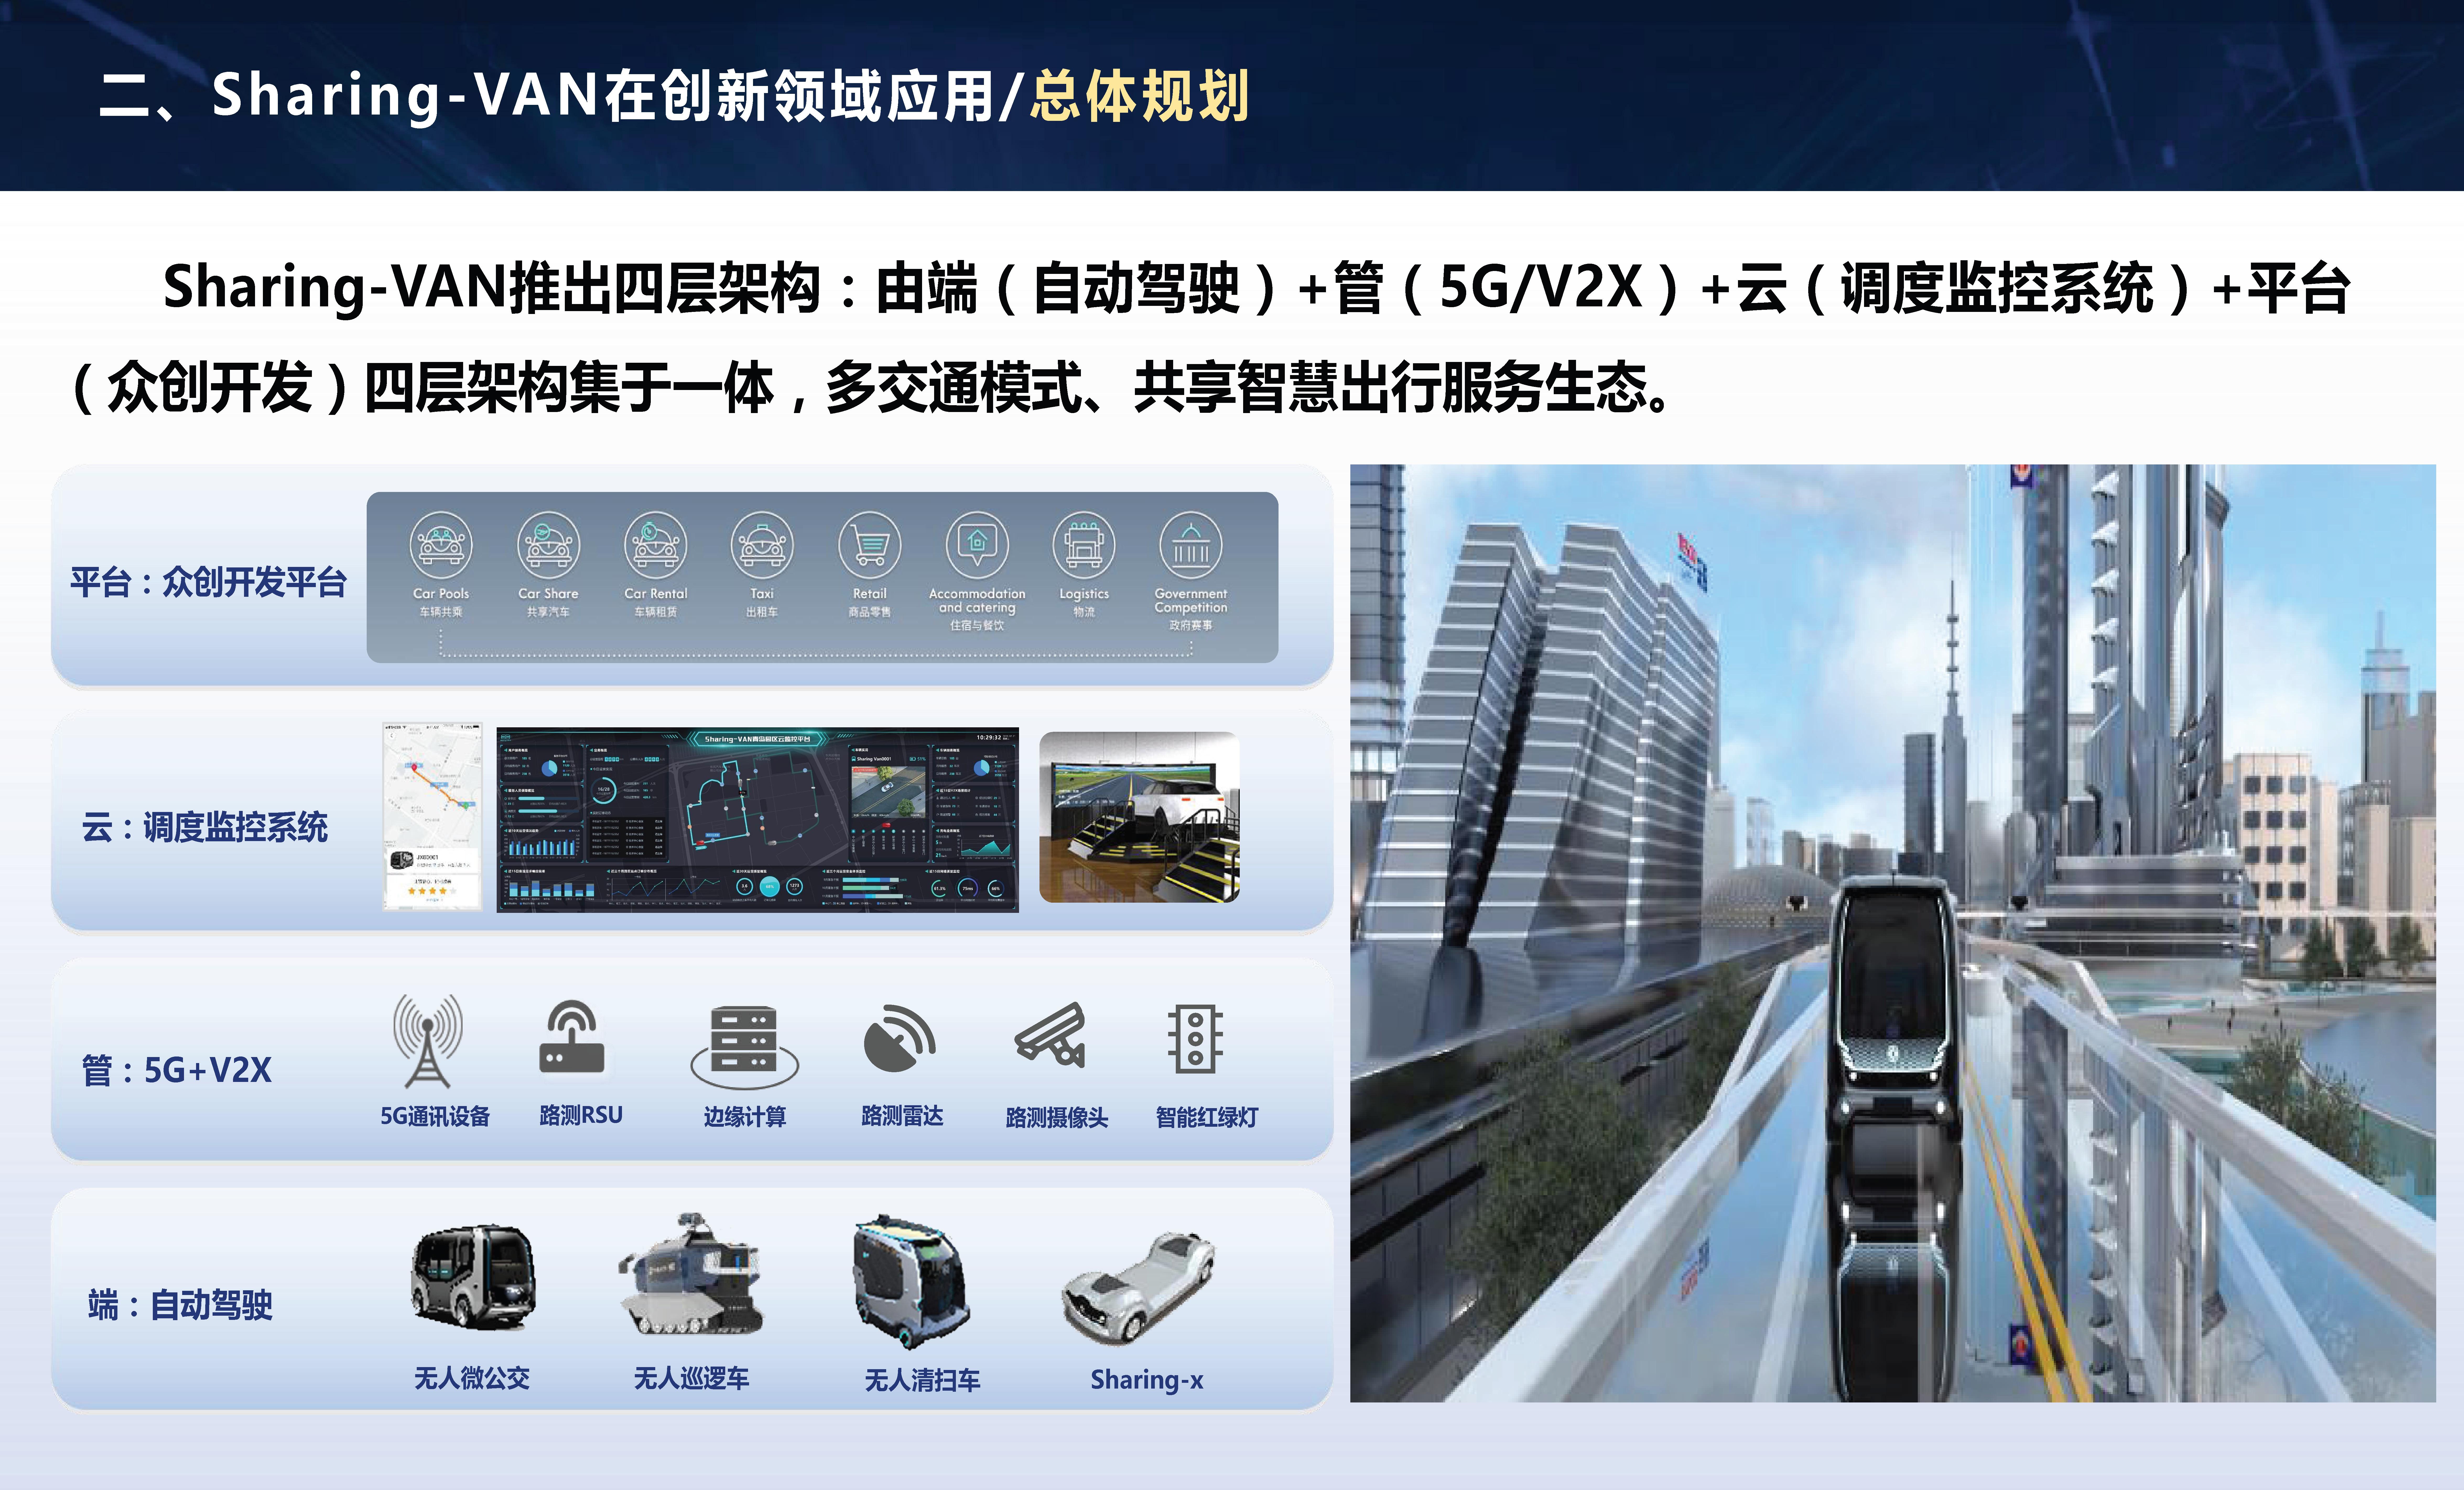 东风悦享:构建无缝化移动服务生态新模式